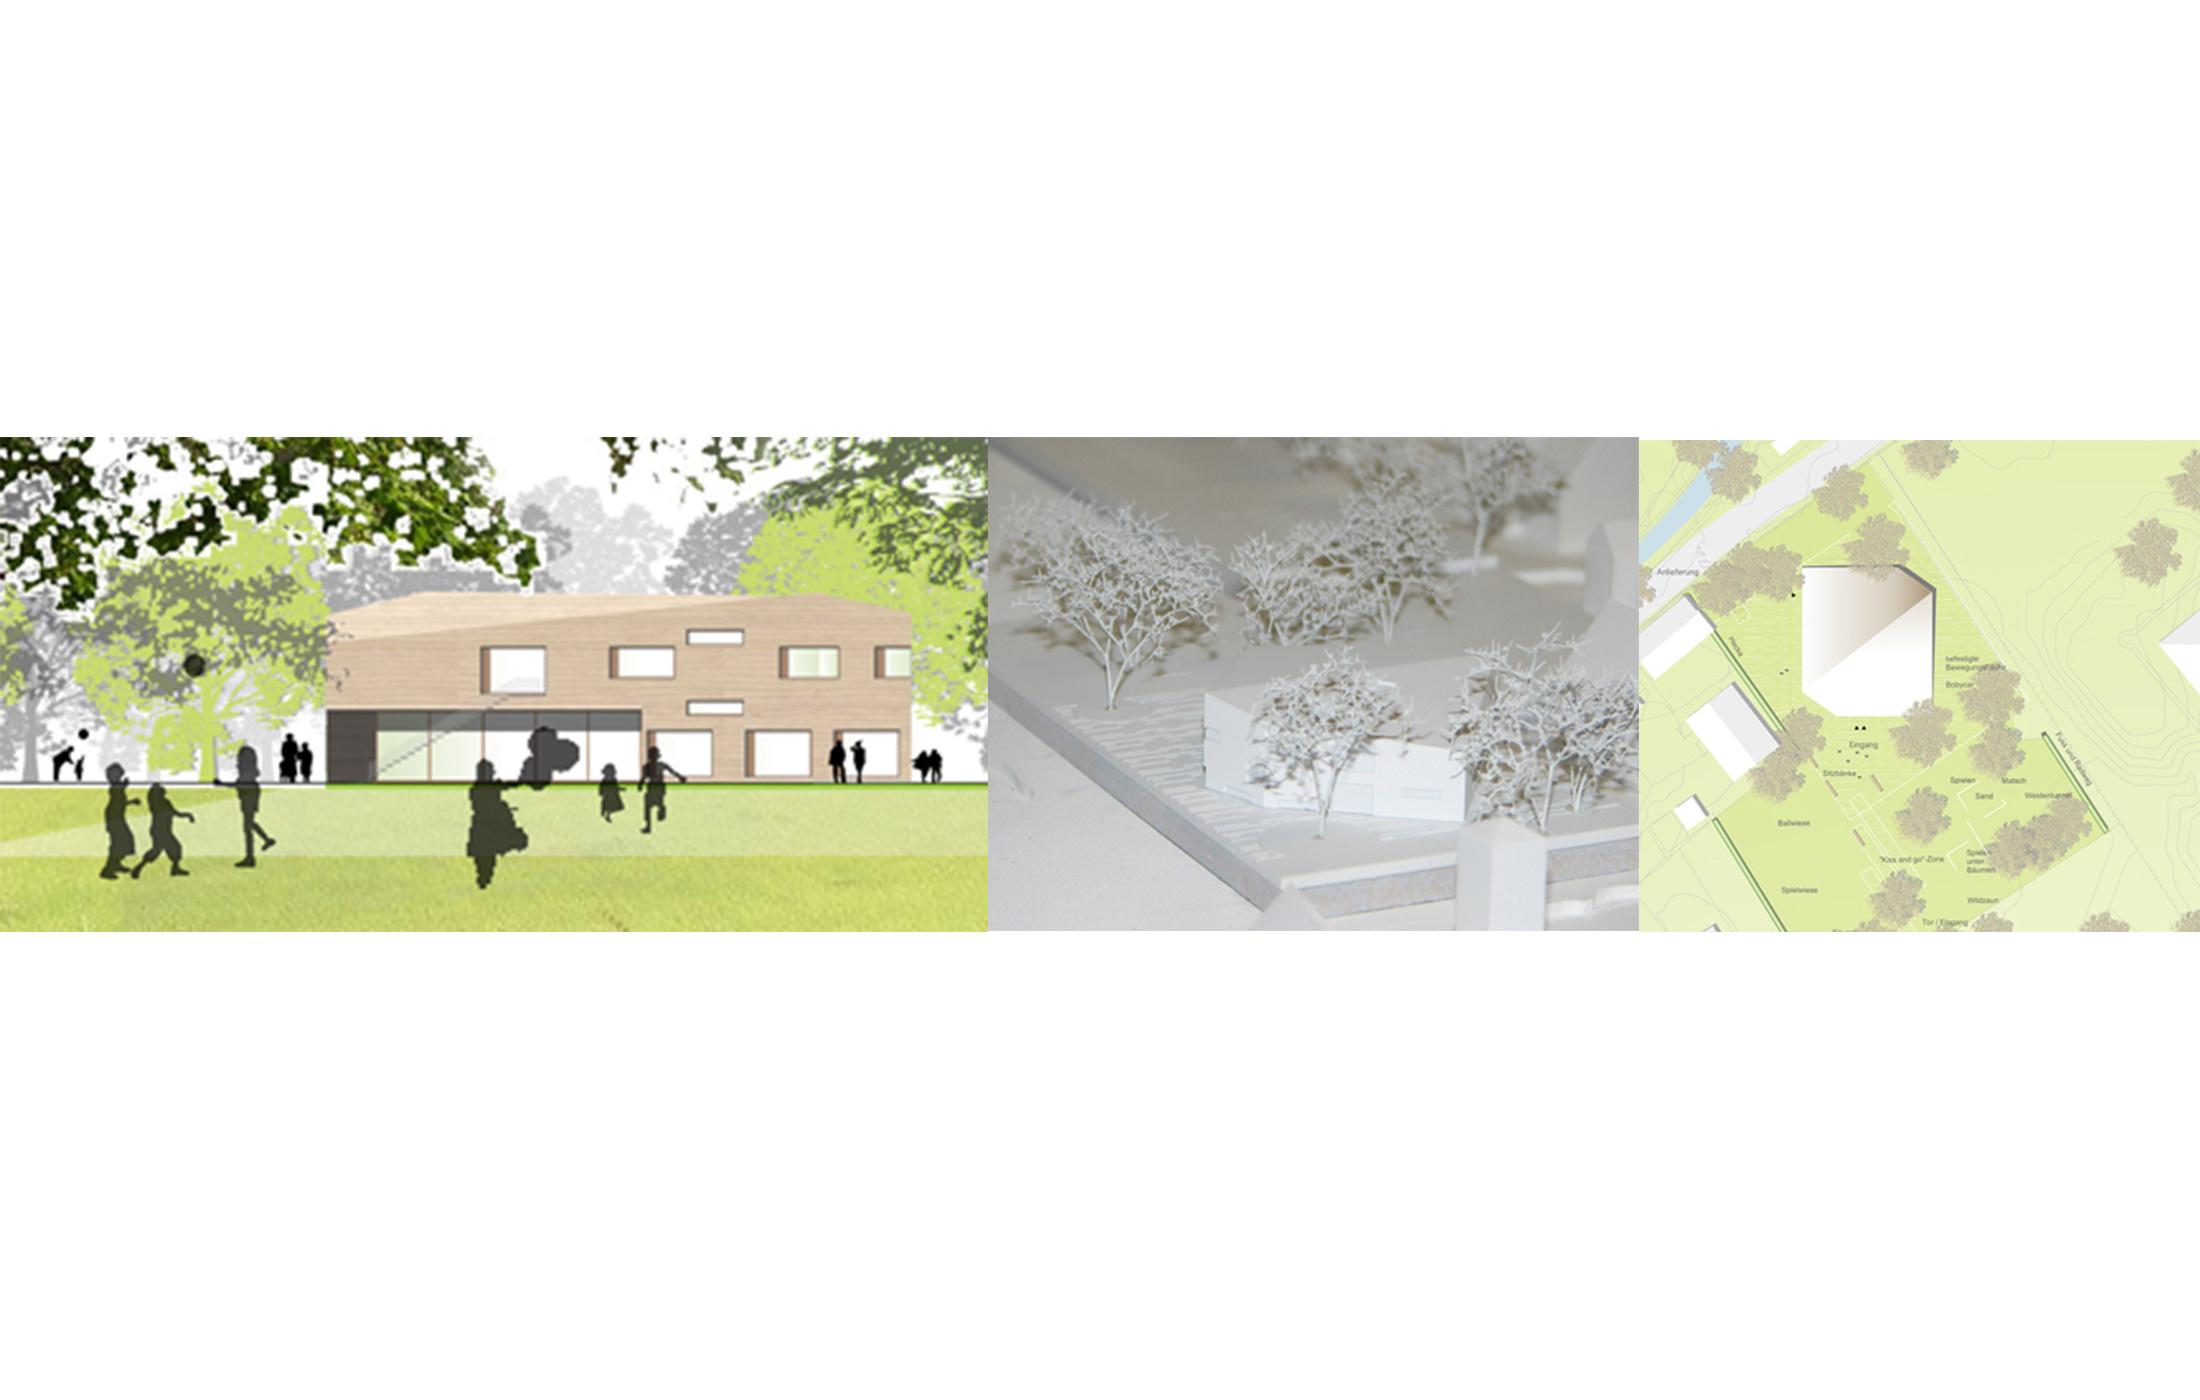 2010, Wettbewerbsbetreuung Kinderhaus Schloss, Ditzingen